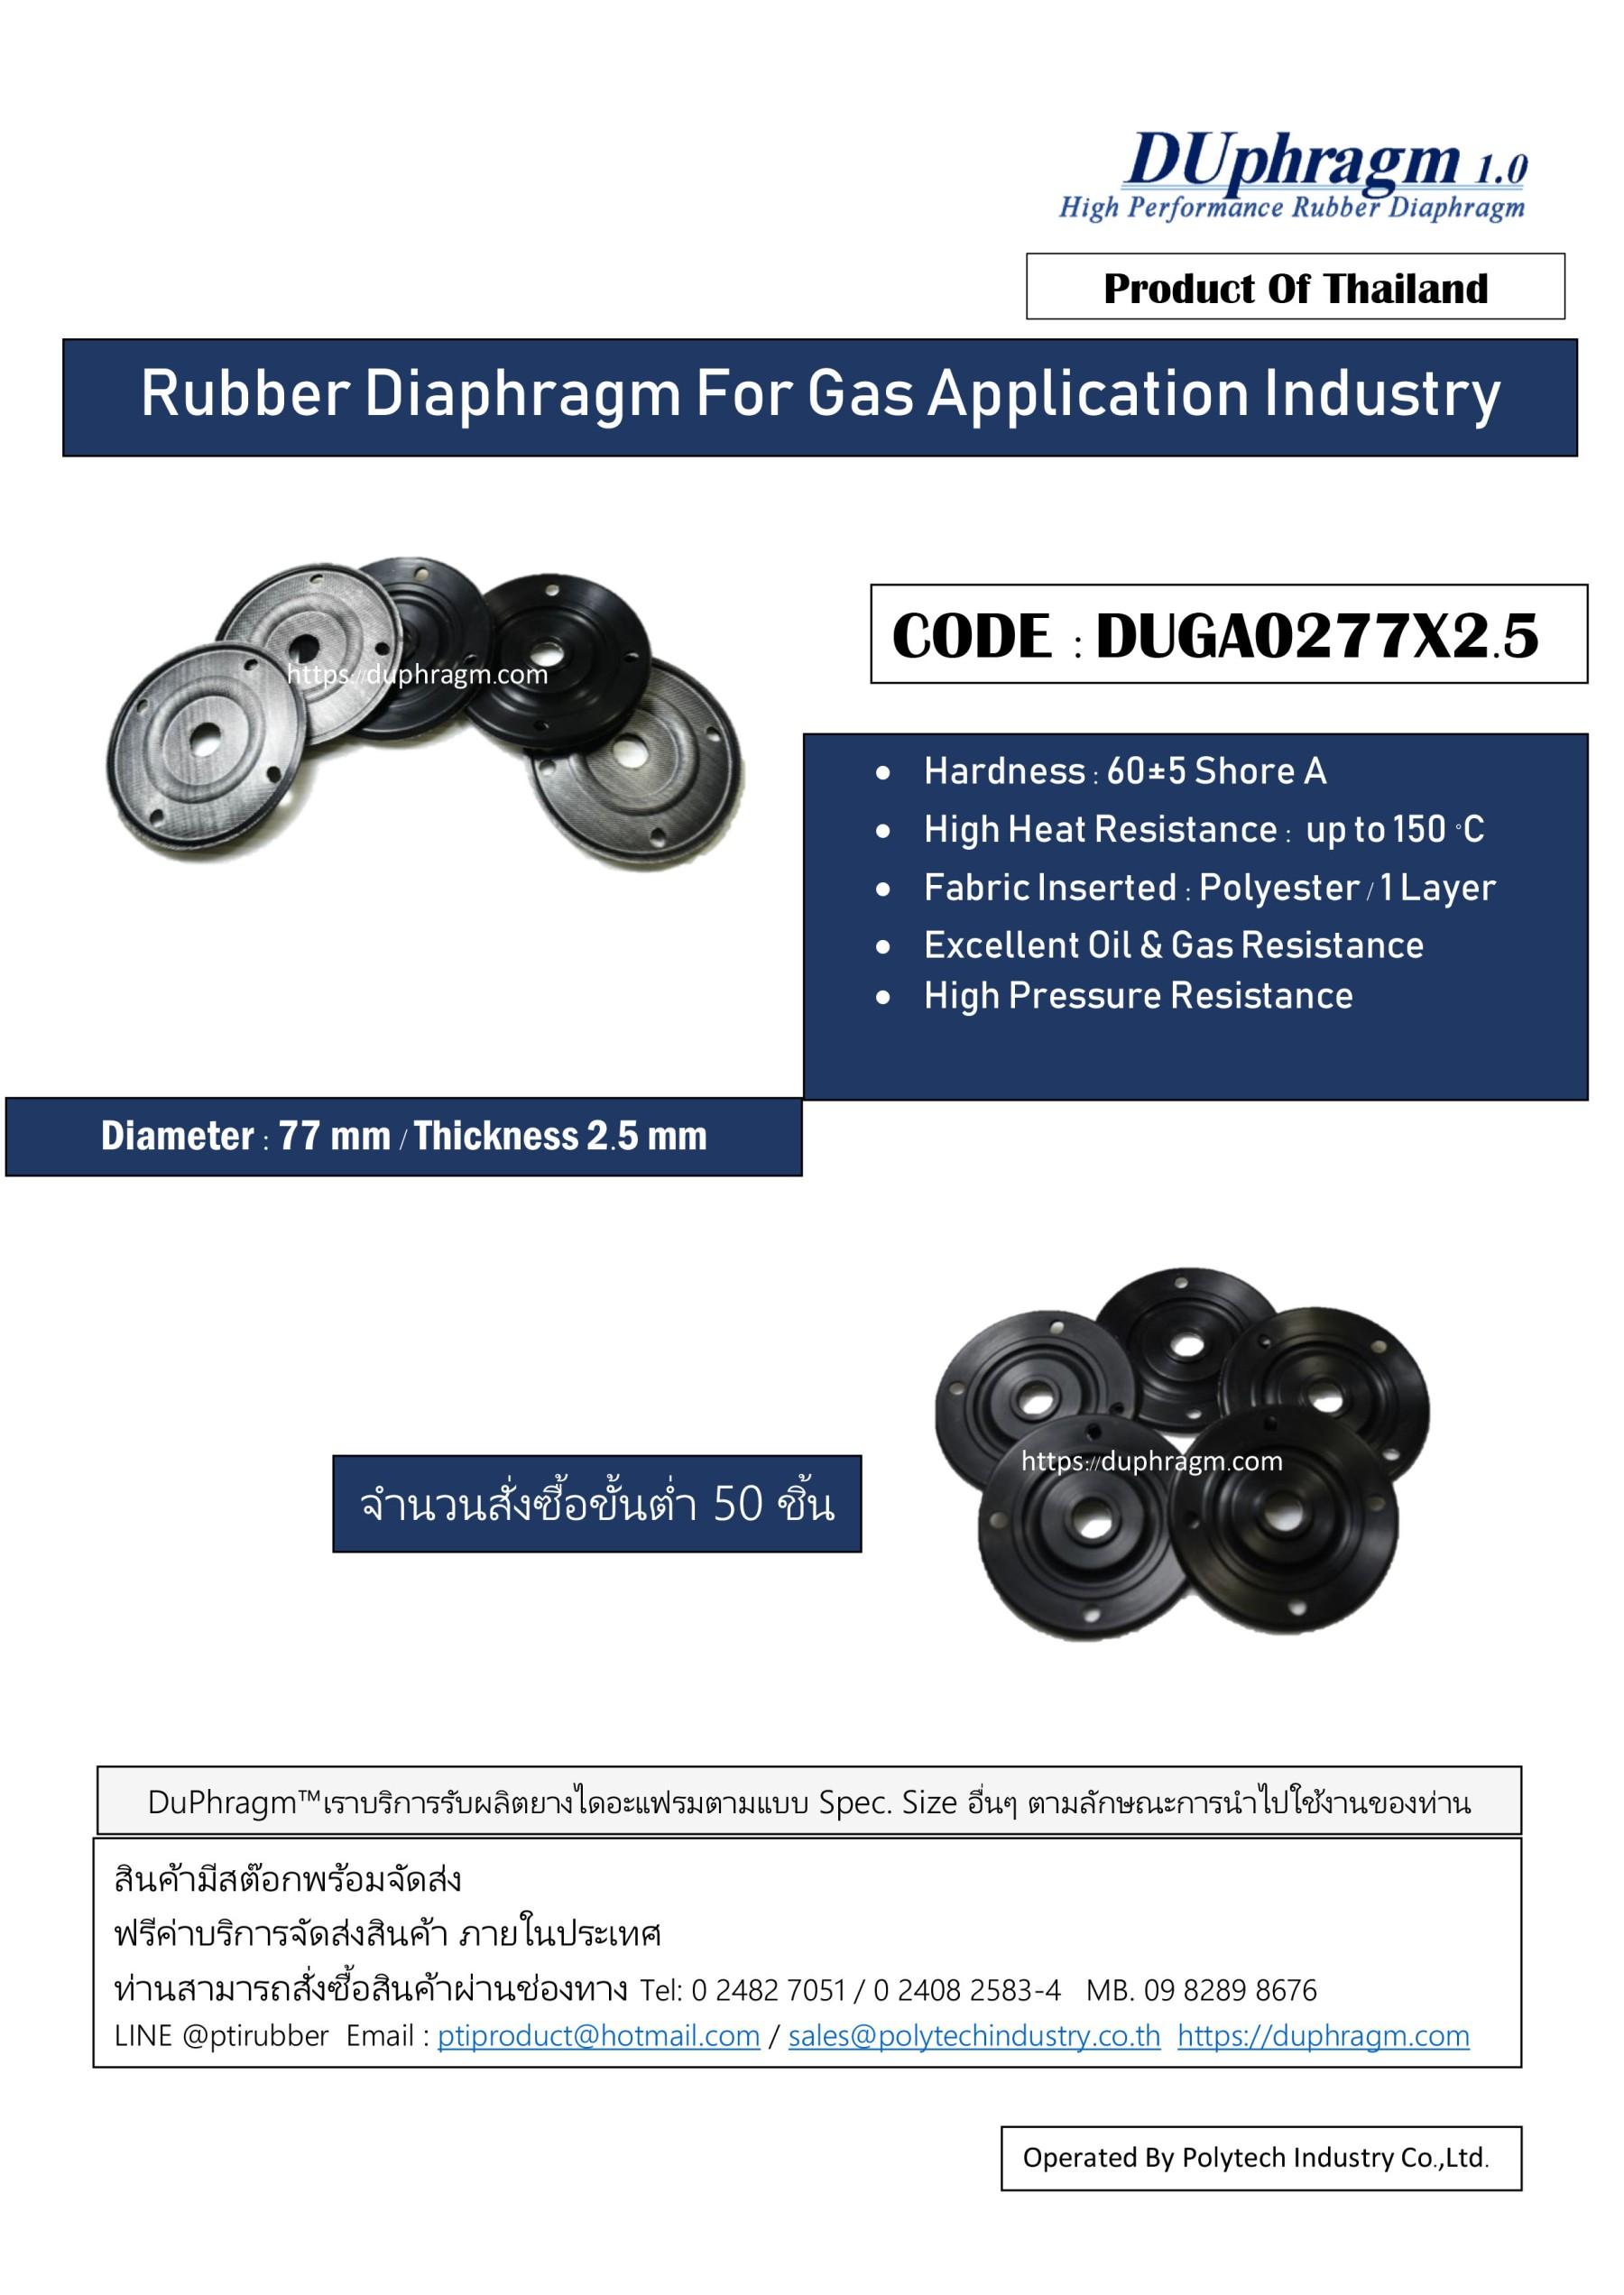 ยางไดอะแฟรมทนแก็ส LPG NGV DUGA0277X2.5